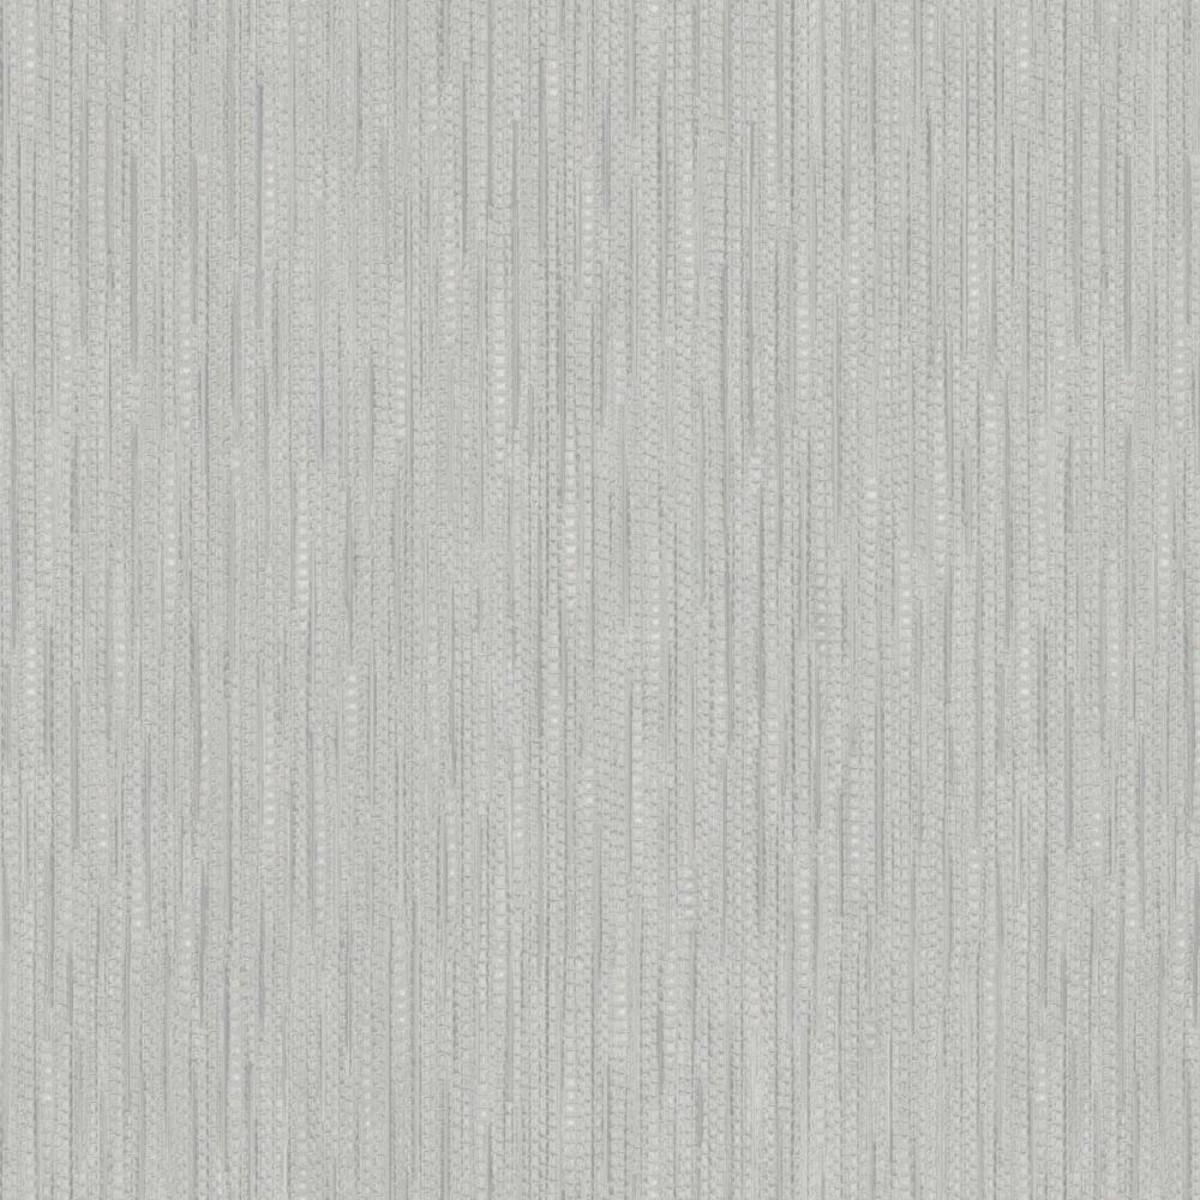 Обои флизелиновые ПАЛИТРА Canyon серые PL71498-44 1.06 м